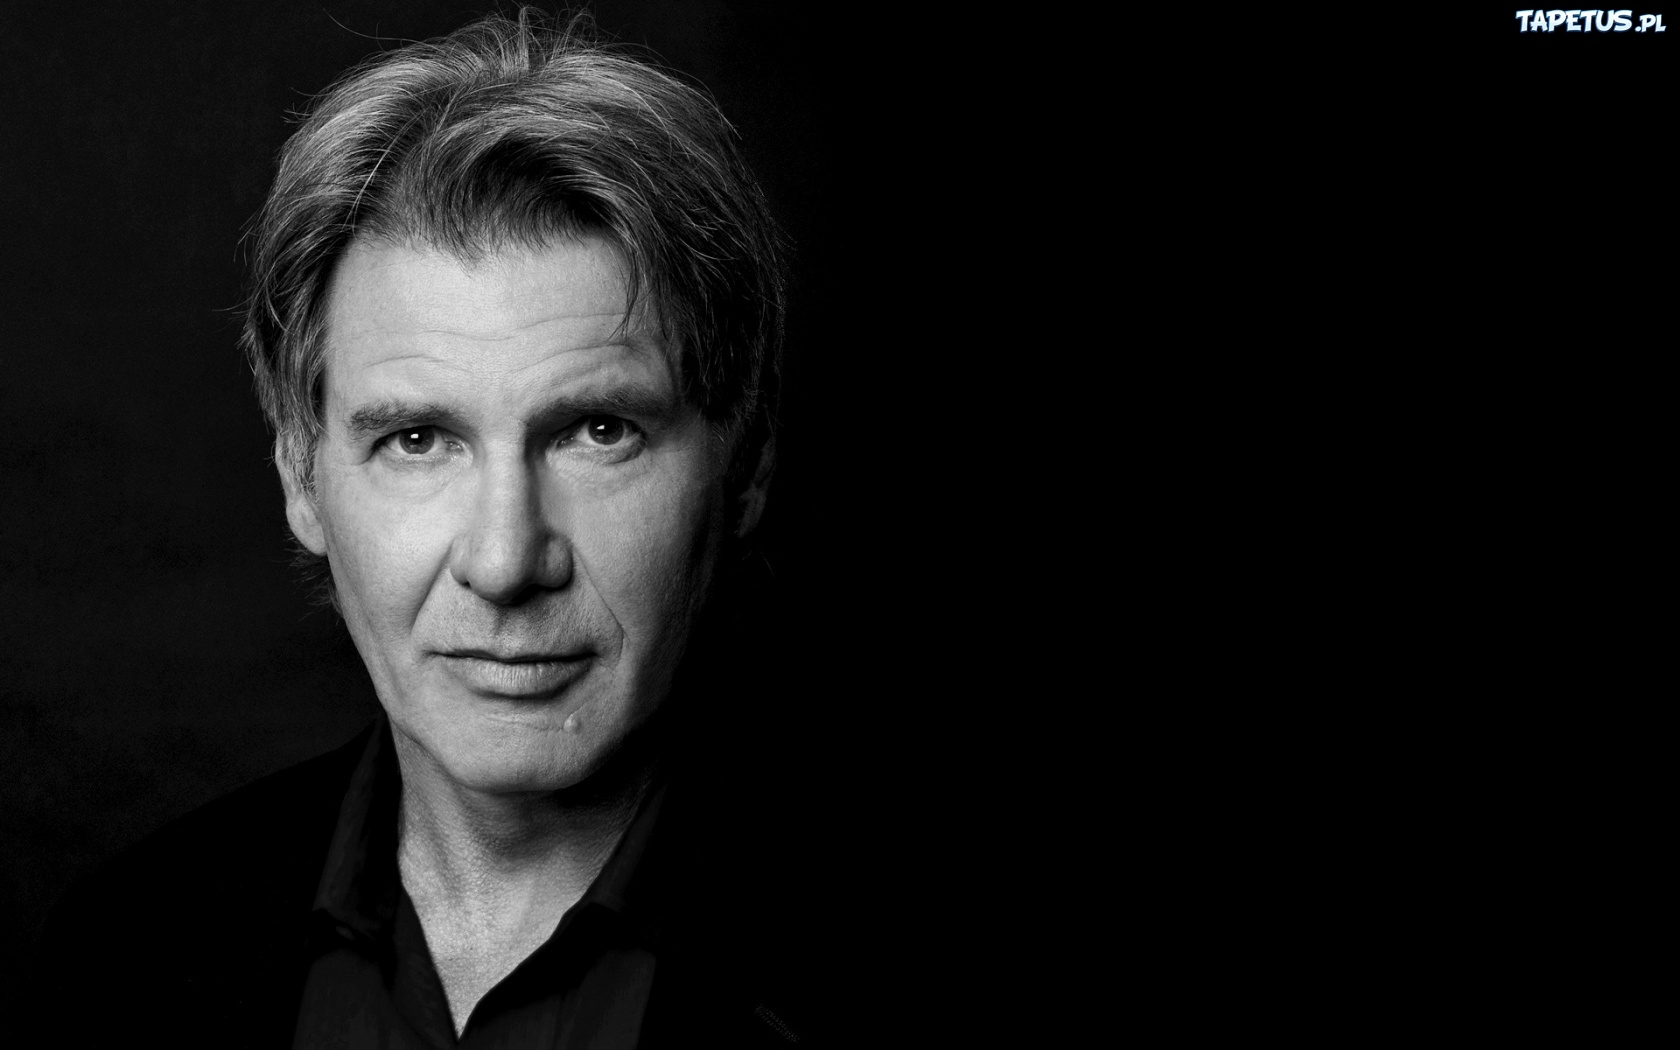 Harrison ford, aktor, portret